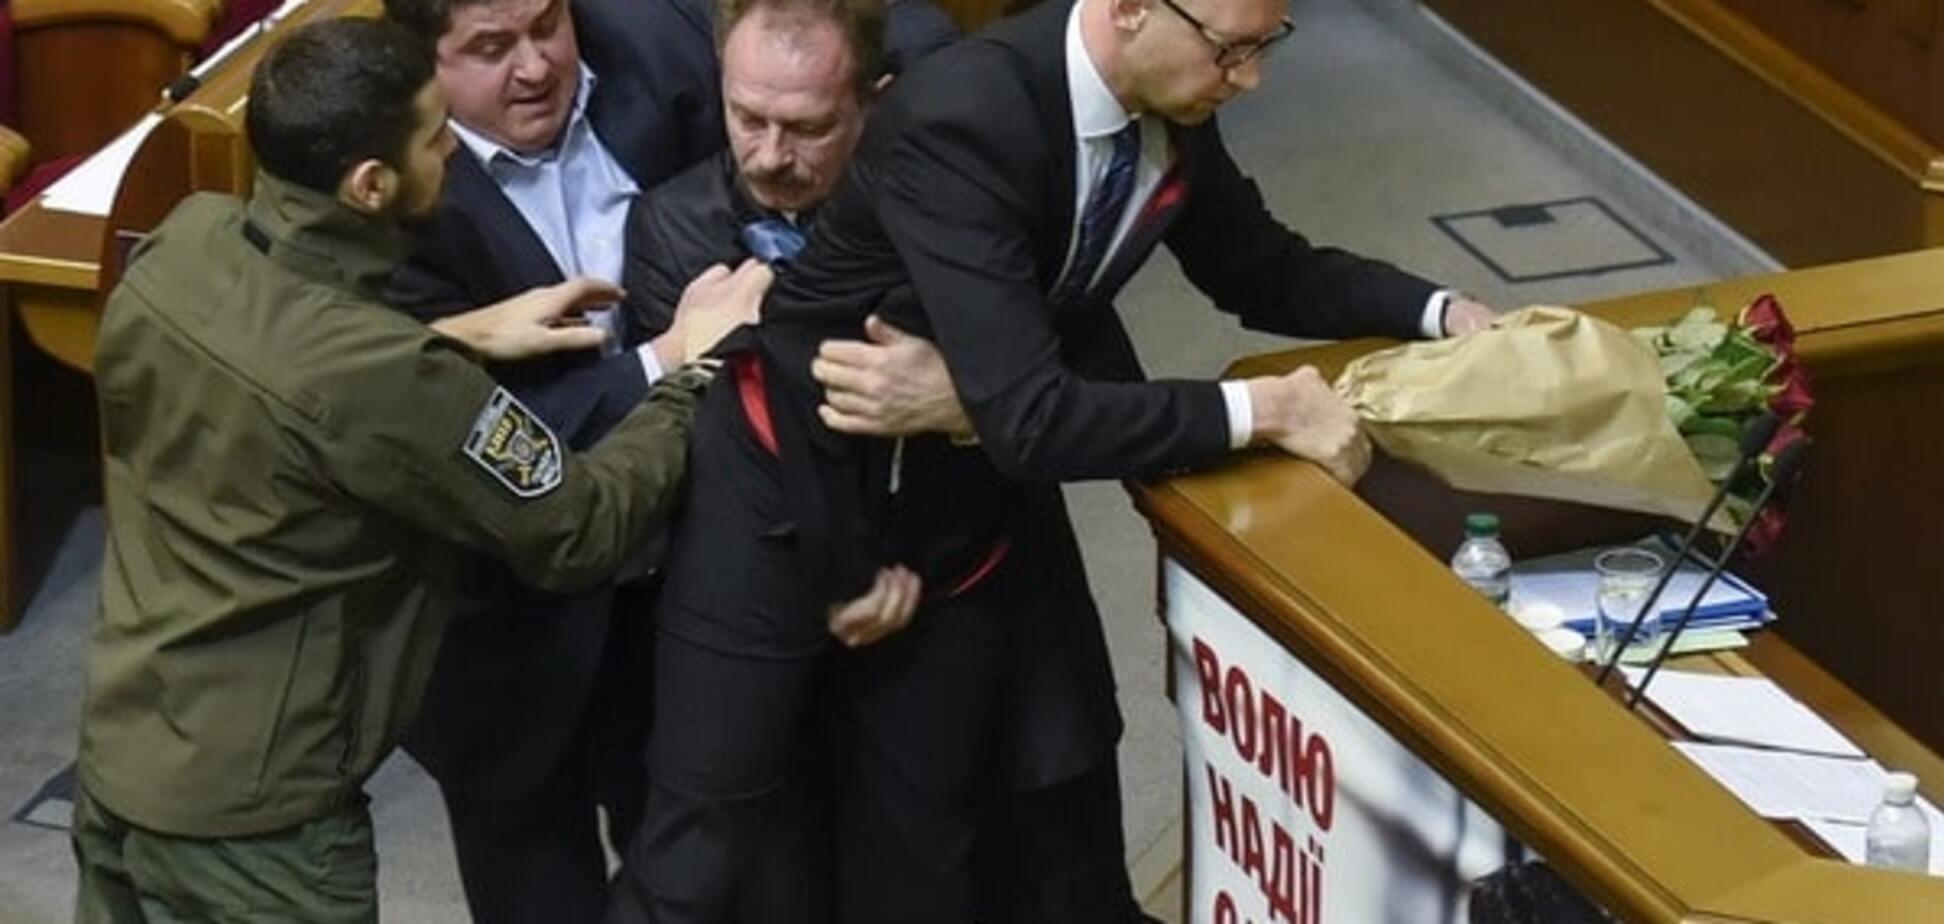 БПП и 'Народный фронт' устроили массовую драку во время отчета Яценюка